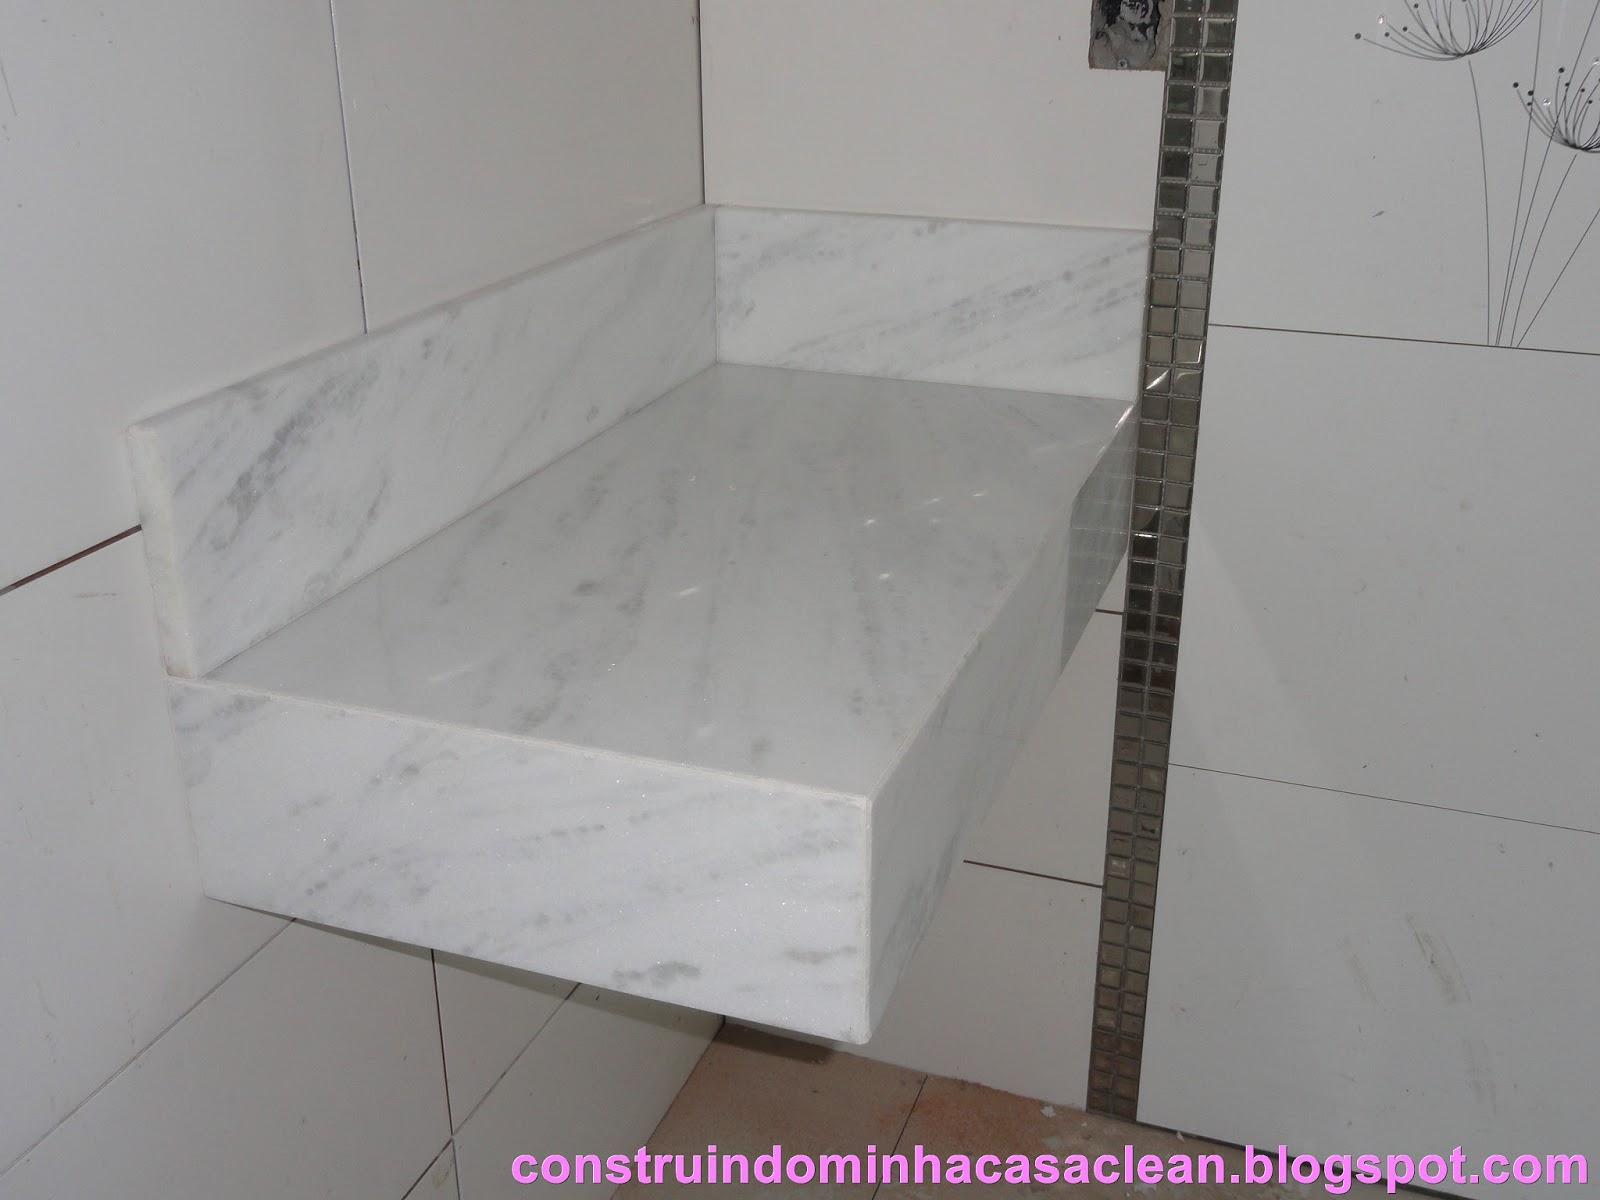 Minha bancada branquinha!! Foram 10 cm de saia e 10 cm de espelho o  #9E2D9C 1600x1200 Bancada Banheiro De Vidro